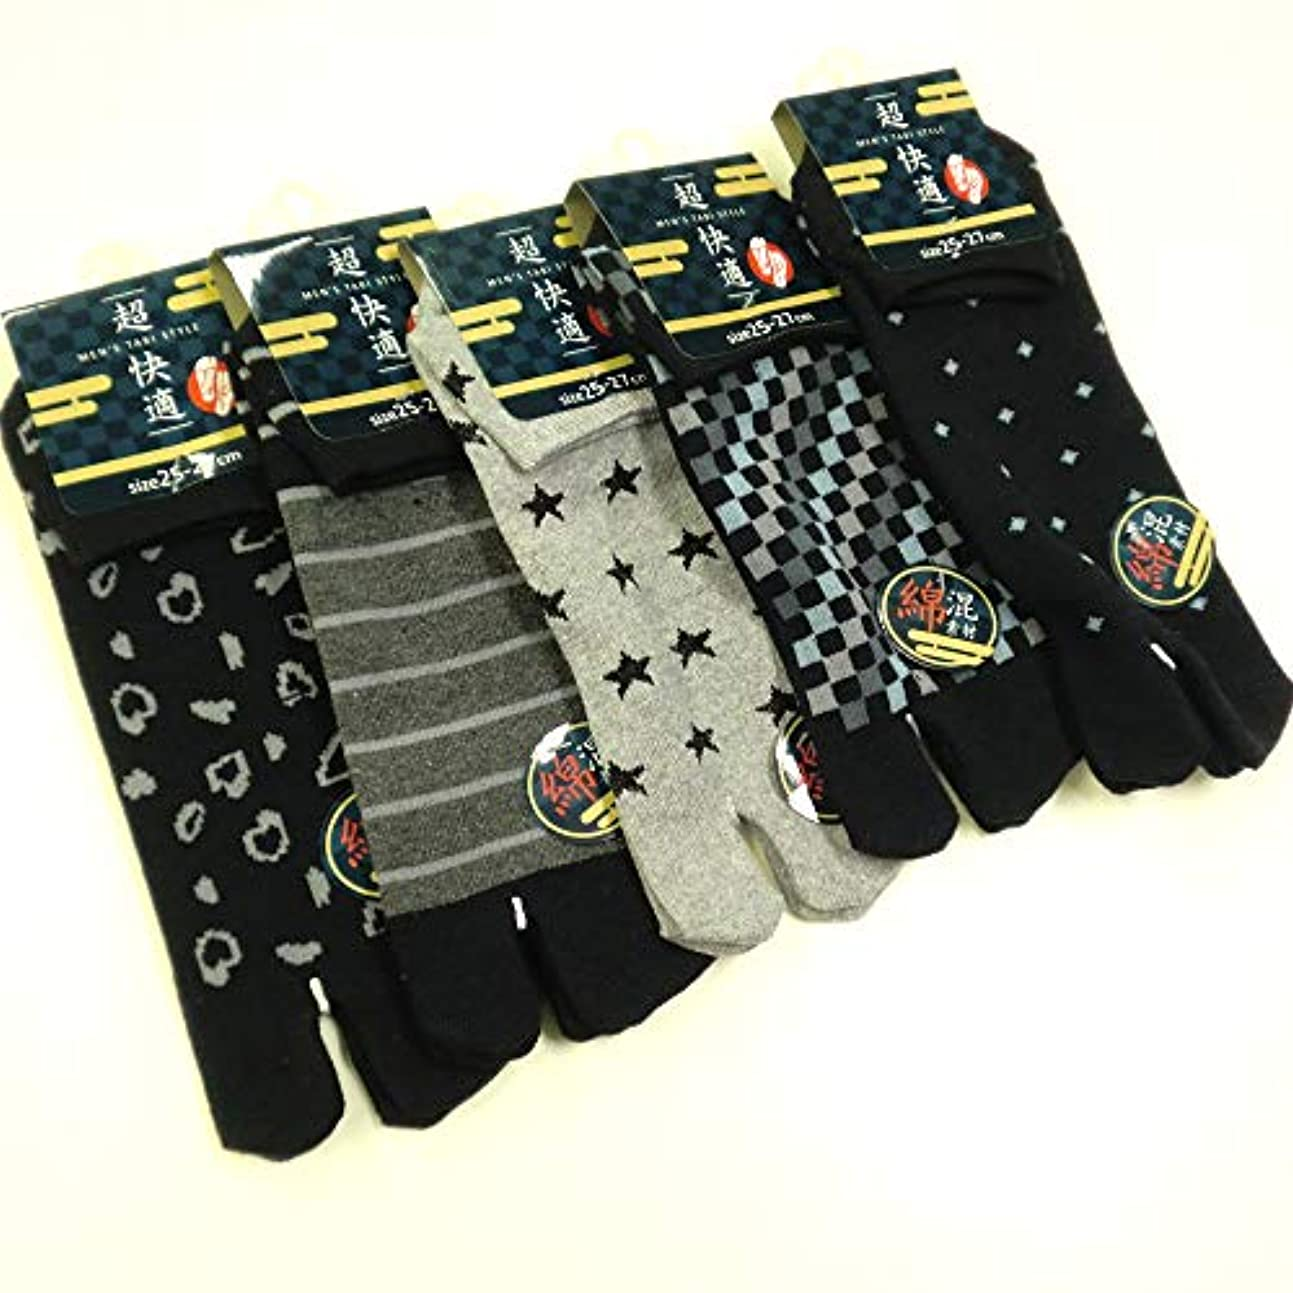 創造踏みつけ青足袋ソックス メンズ 快適 綿混 無地 かかと付 25-27cm お買得5足セット(柄はお任せ)